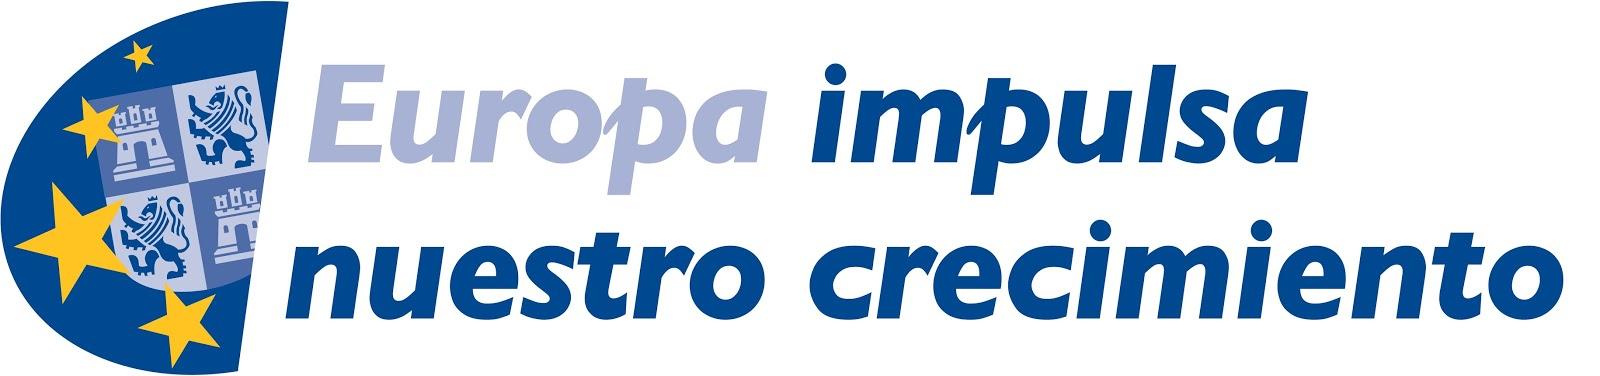 logo_europa impulsa nuestro crecimiento